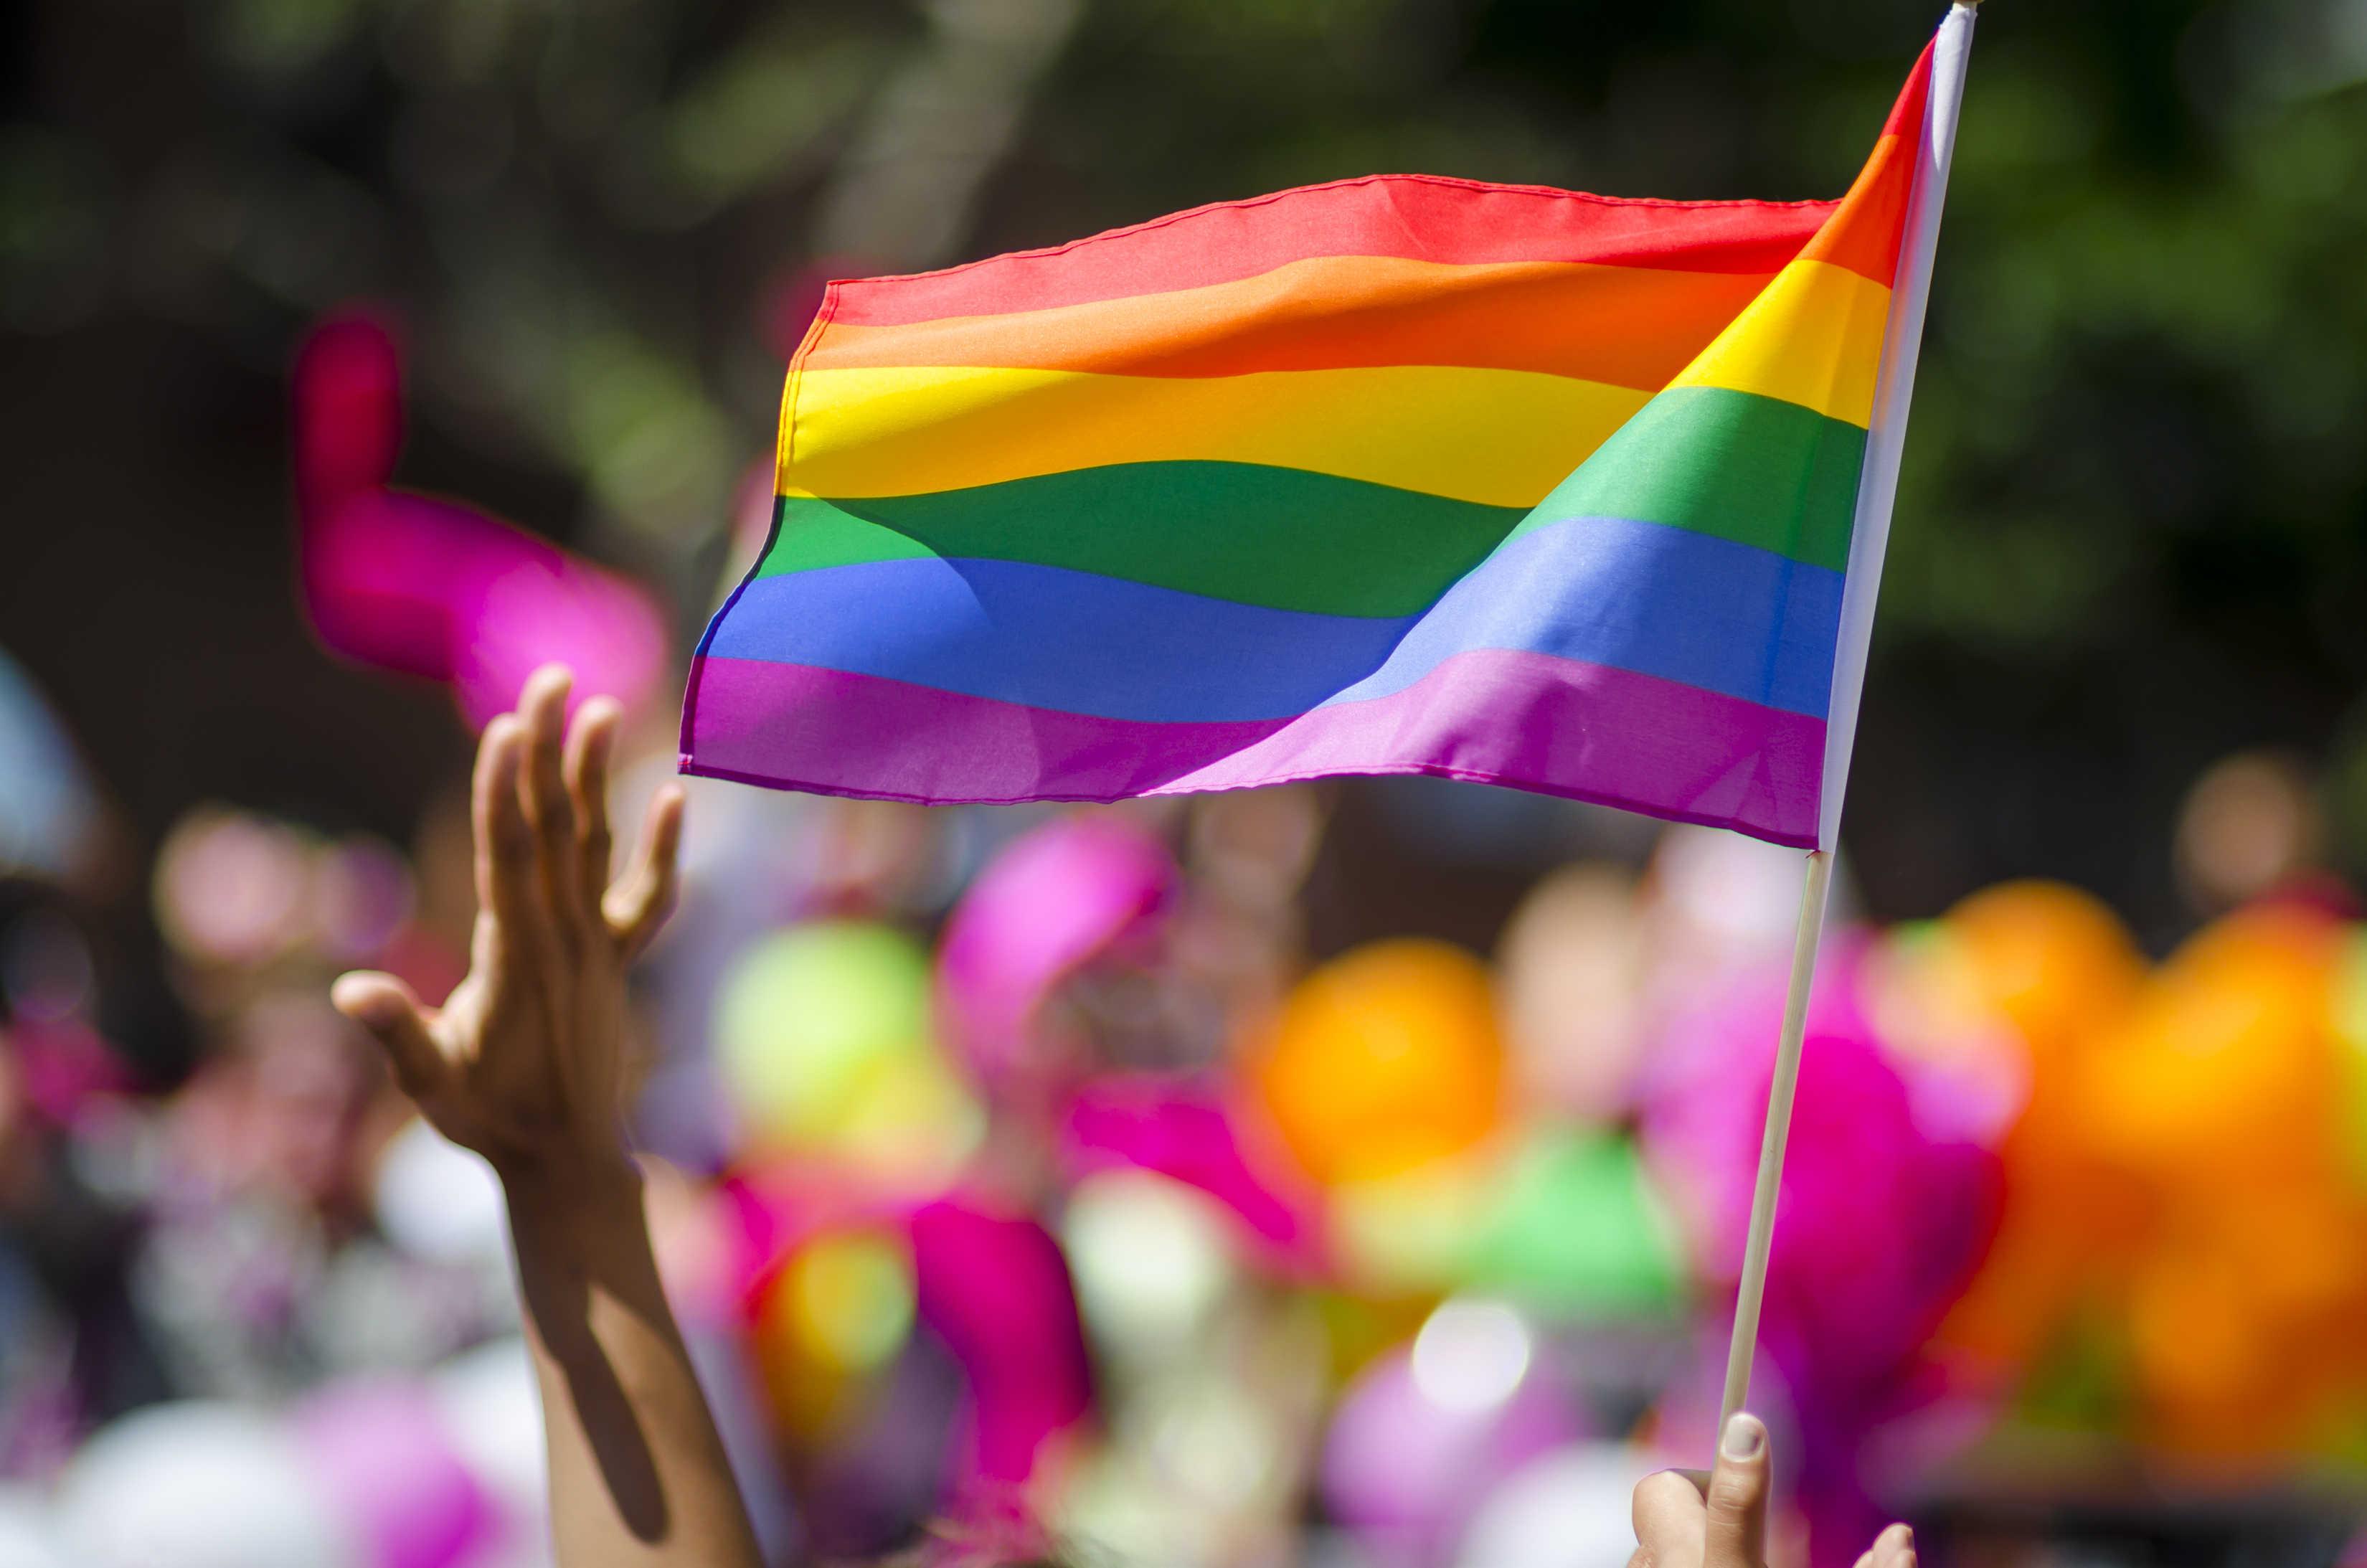 Cultura y arte LGBT+ en el Centro Cultural España